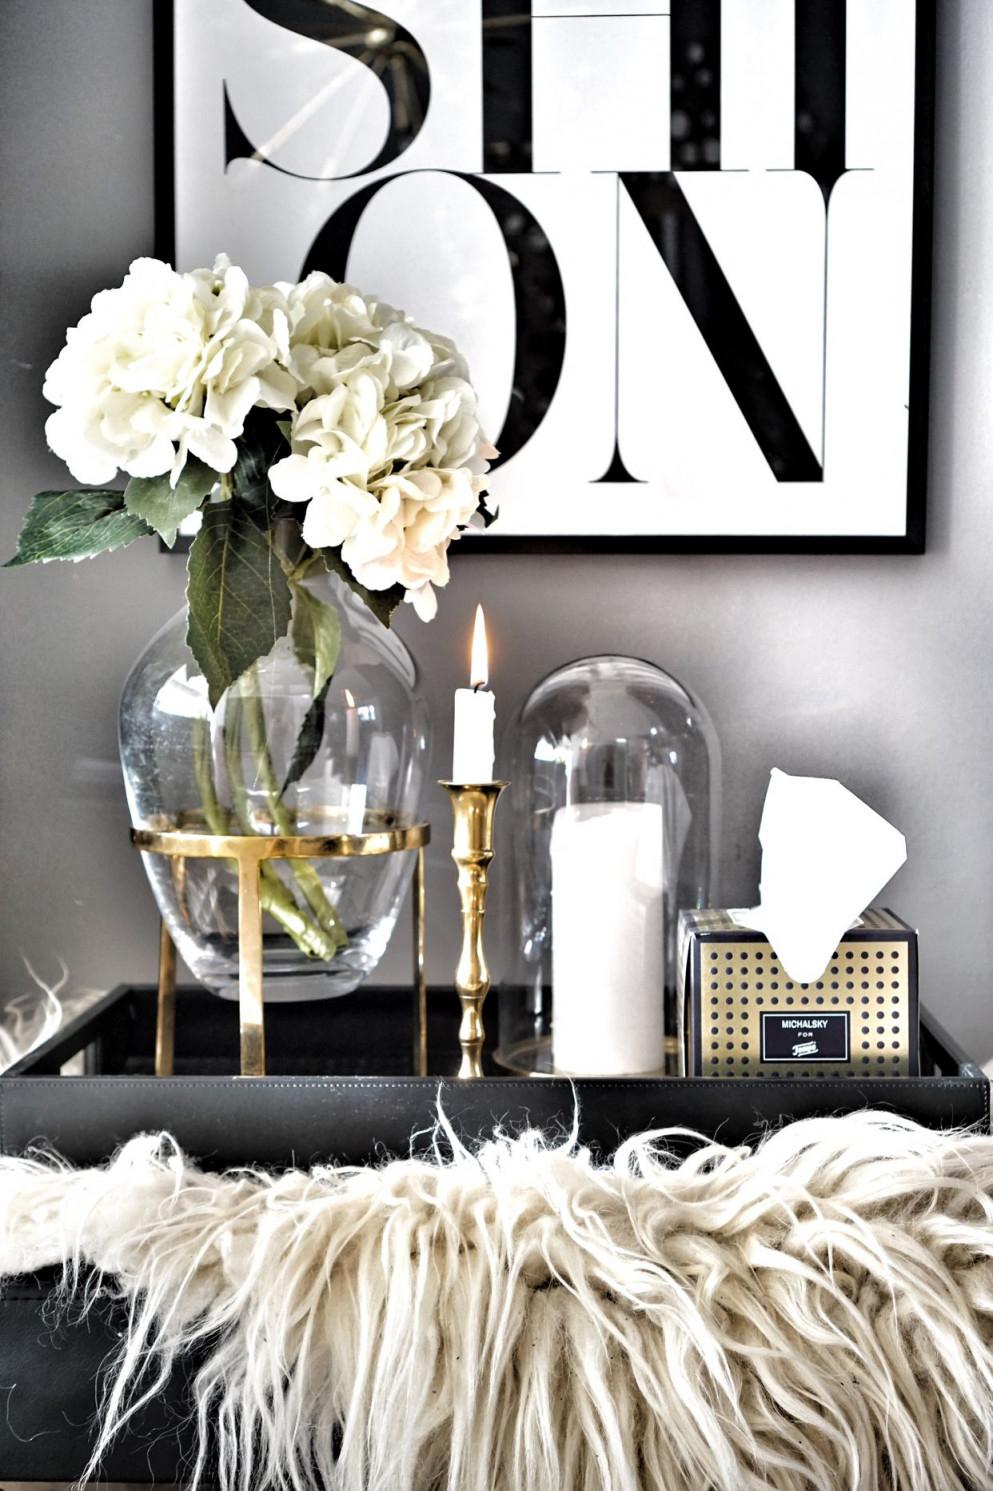 Wohnzimmer Details Tablett Vase(Werbung)  Wohnzimmer von Schwarz Weiß Bilder Wohnzimmer Bild